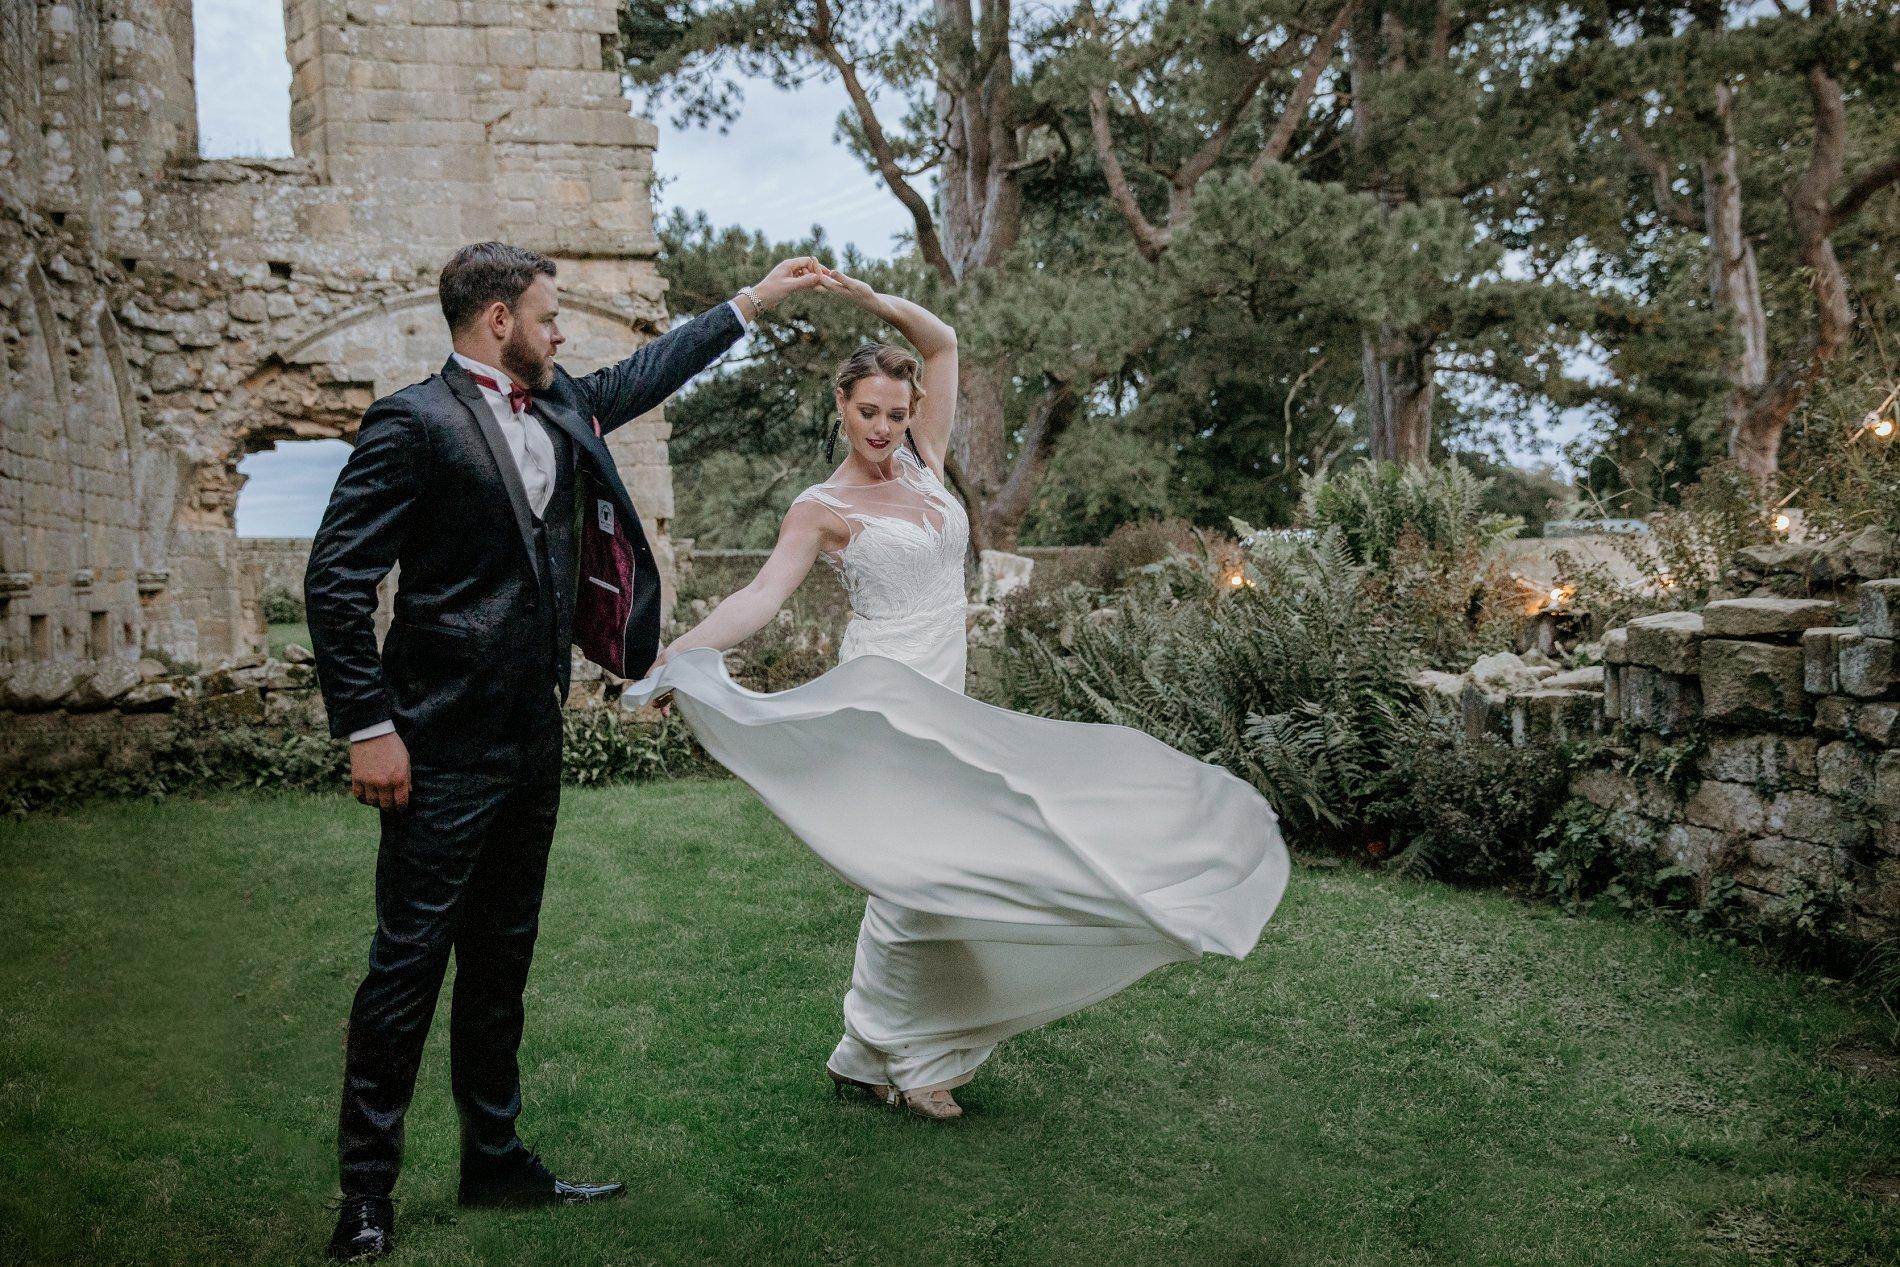 An Elegant Wedding Shoot at Jervaulx Abbey (c) Natalie Hamilton Photography (95)